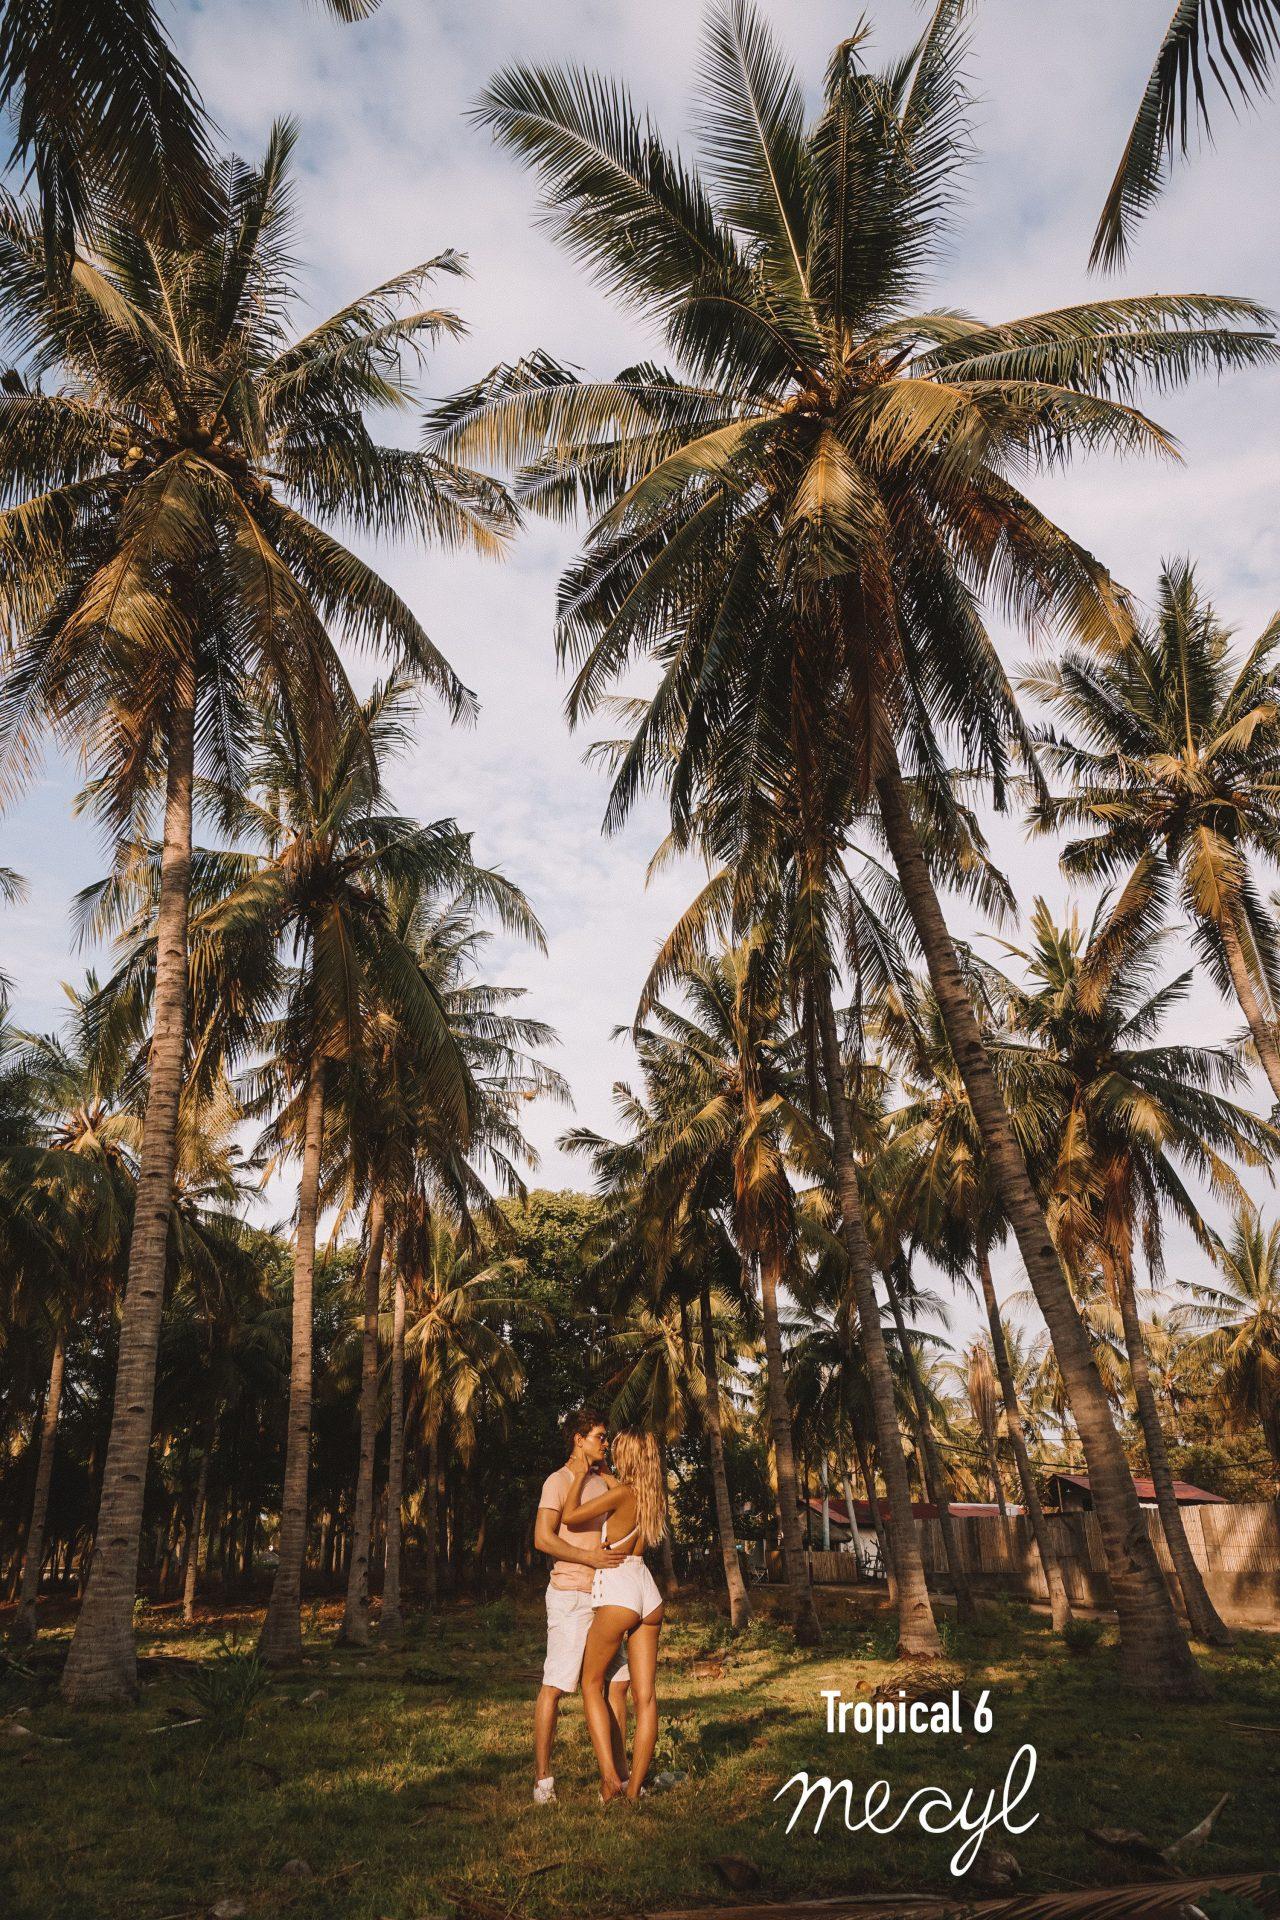 Tropical Mobile 6, Tropical Desktop 6, before / after, presets, lightroom - Meryl Denis Presets